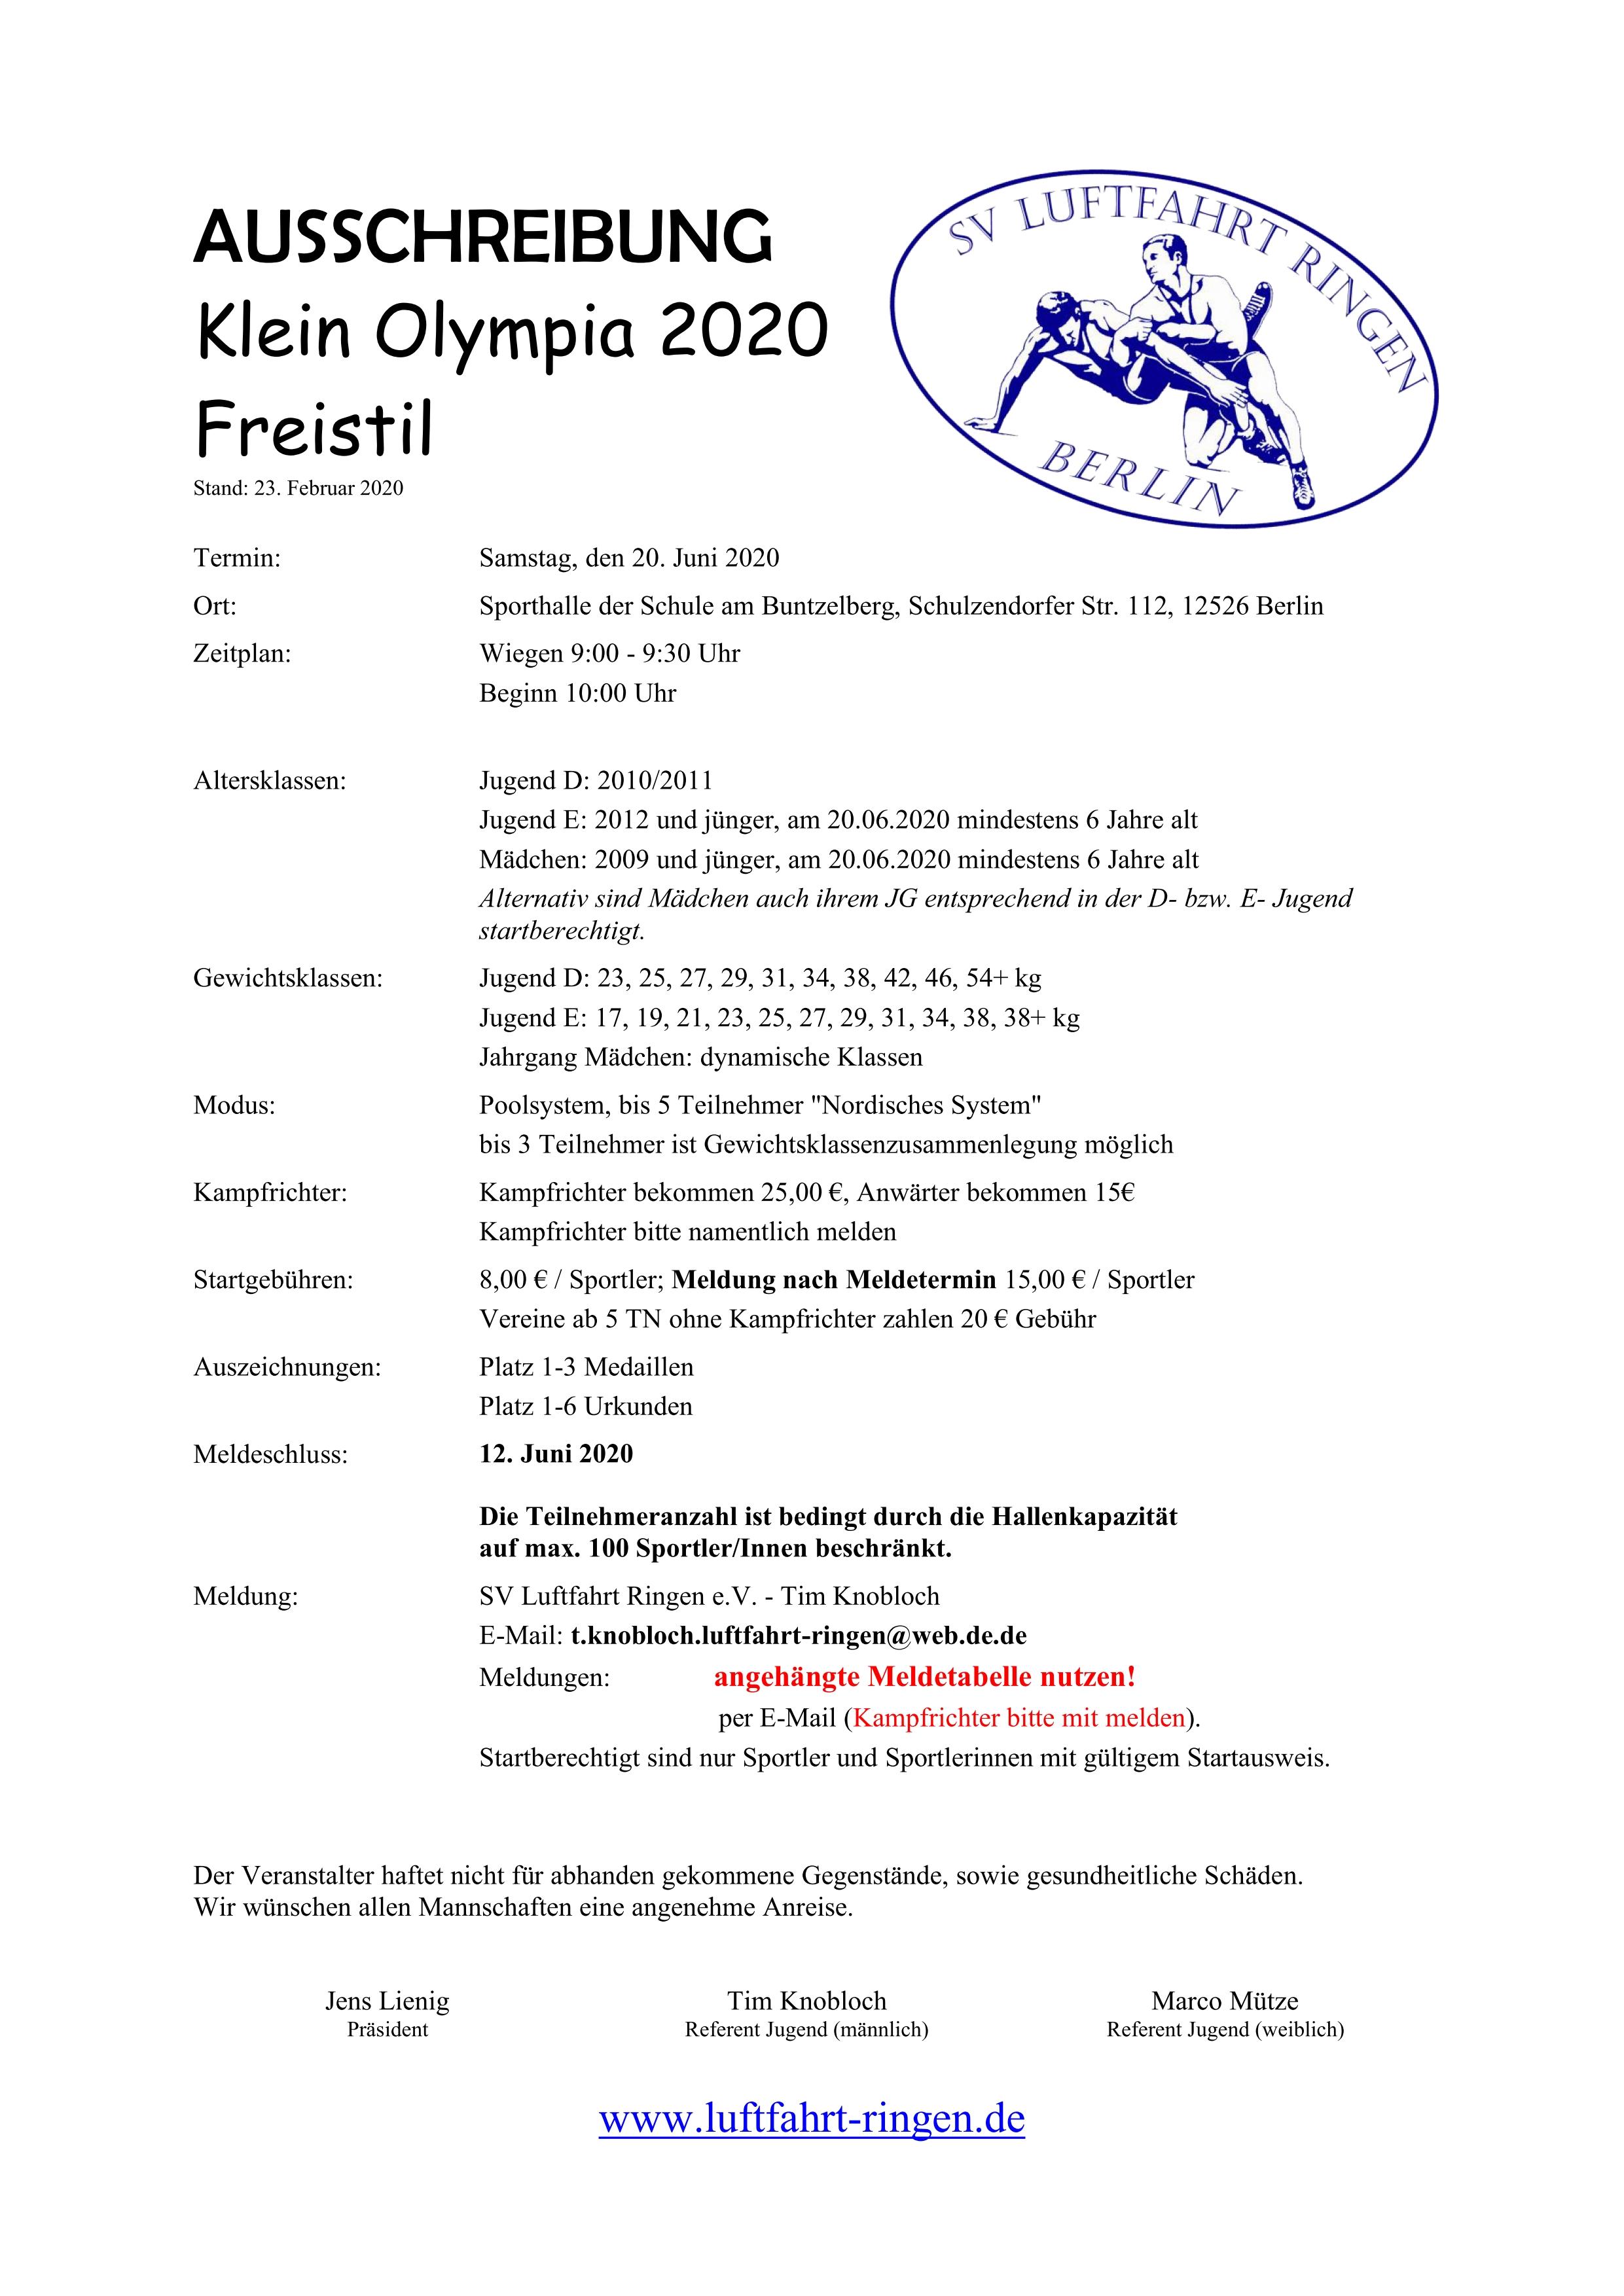 Klein Olympia 2020 Freistil